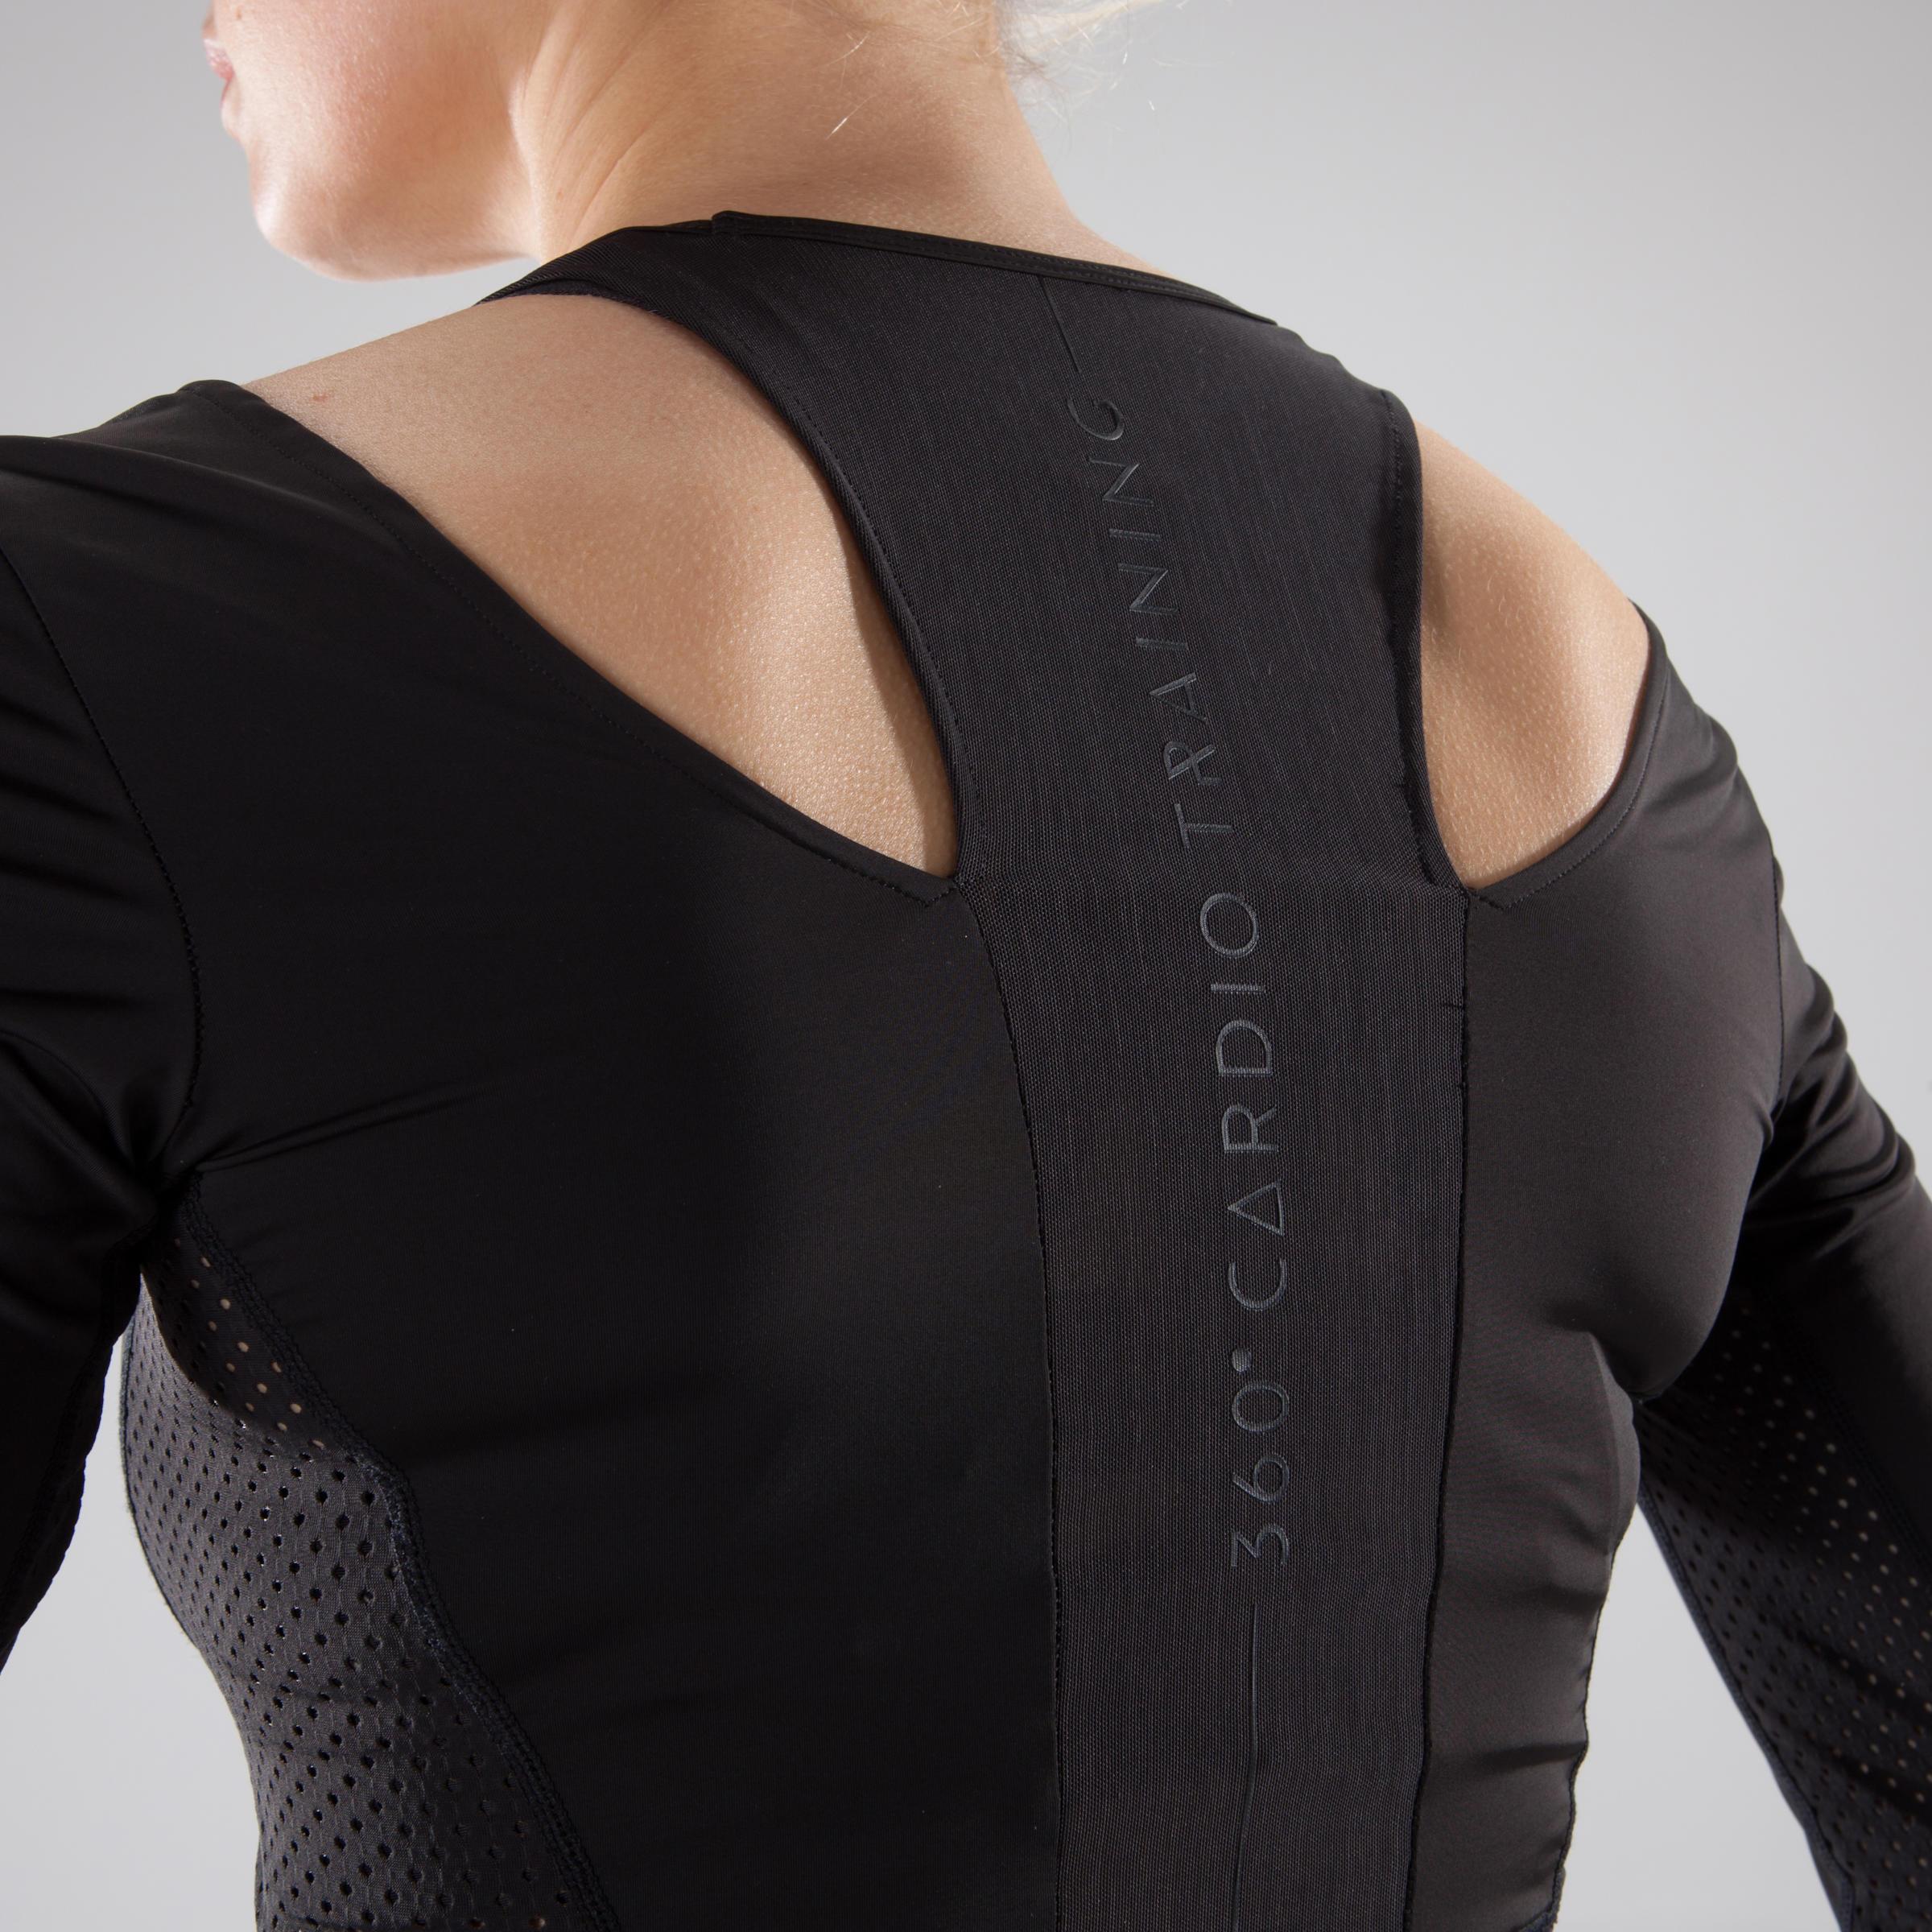 900 Women's Cardio Fitness Crop Top - Black